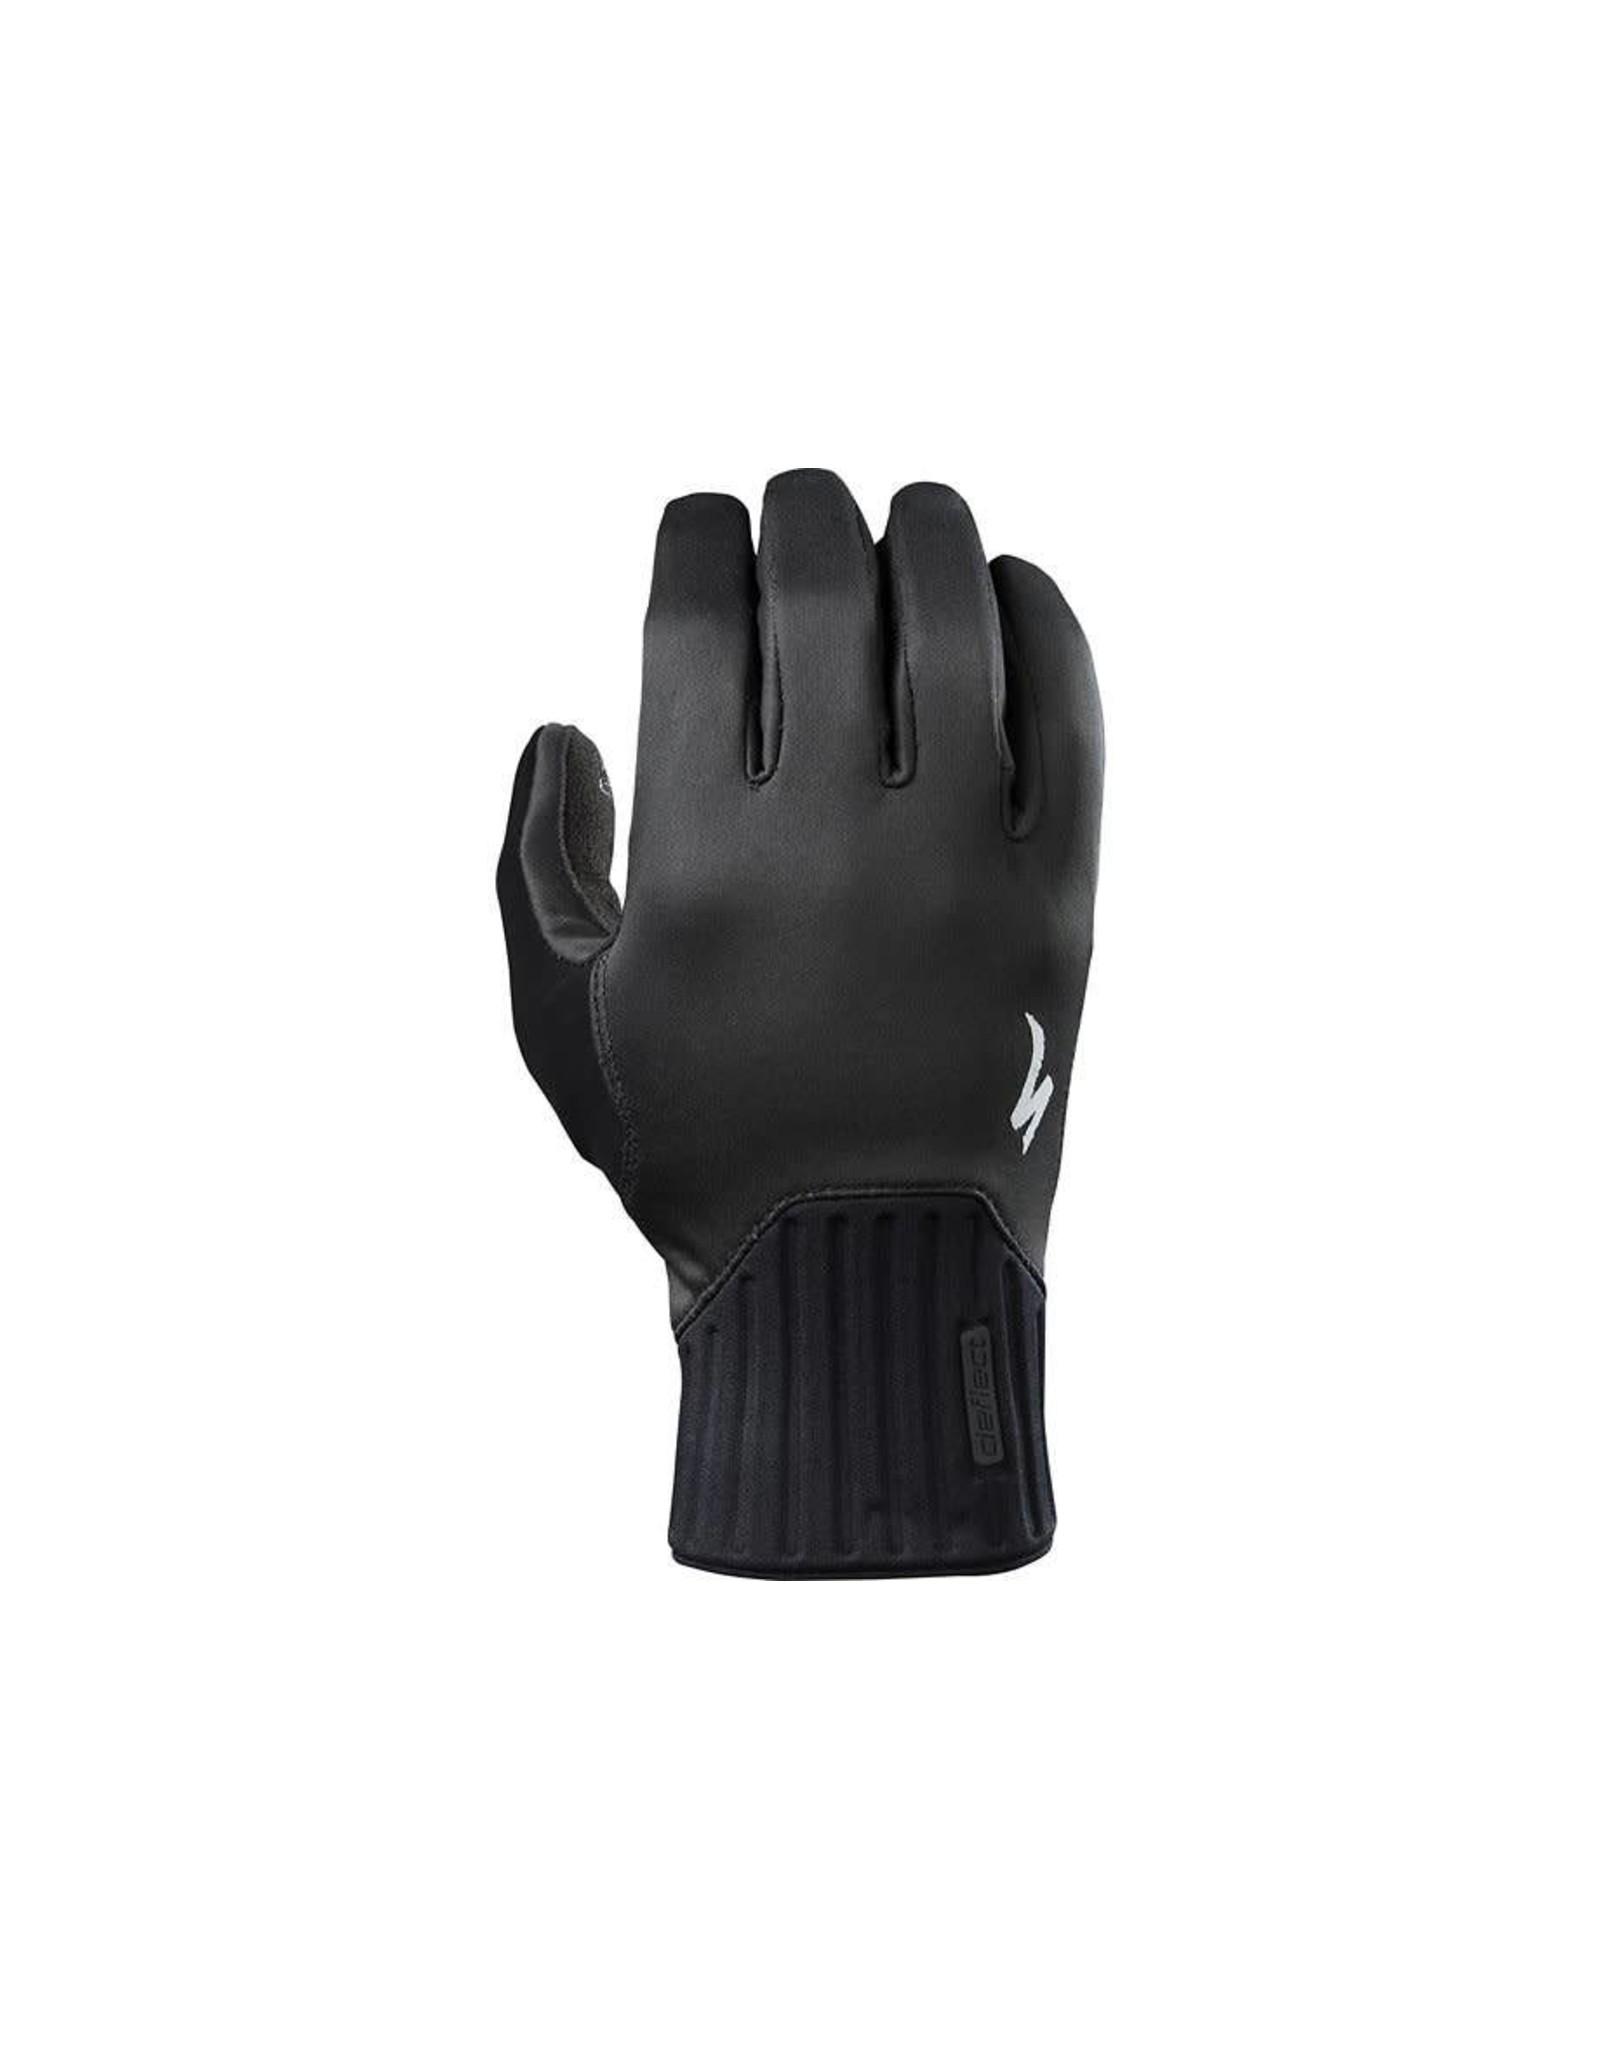 SPECIALIZED Specialized Deflect Glove - Black - Medium